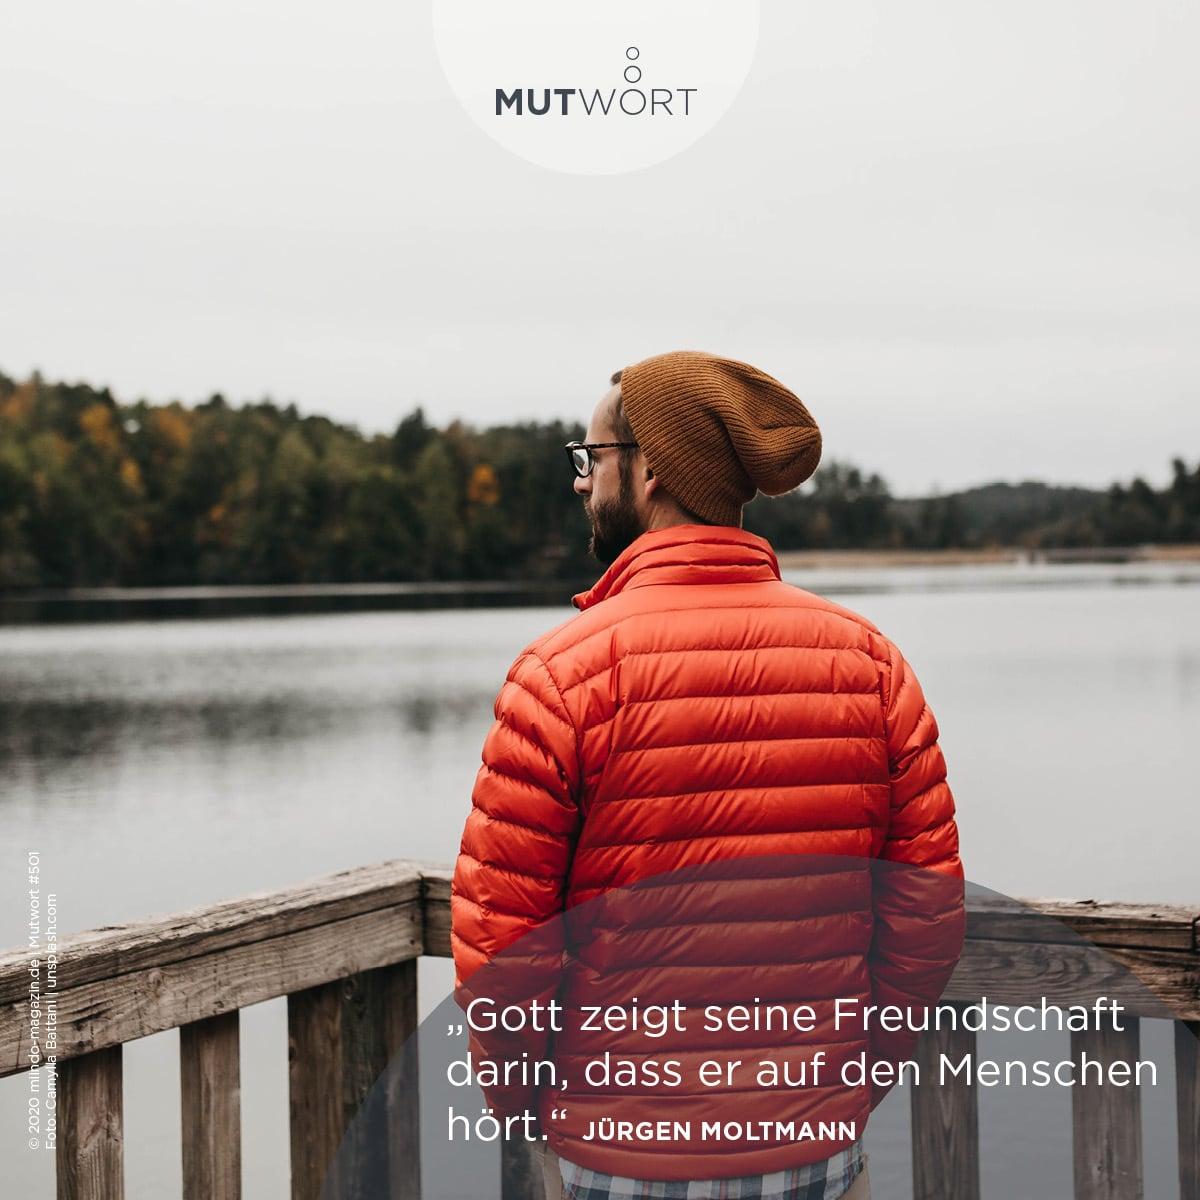 Gott zeigt seine Freundschaft darin, dass er auf den Menschen hört. – Jürgen Moltman